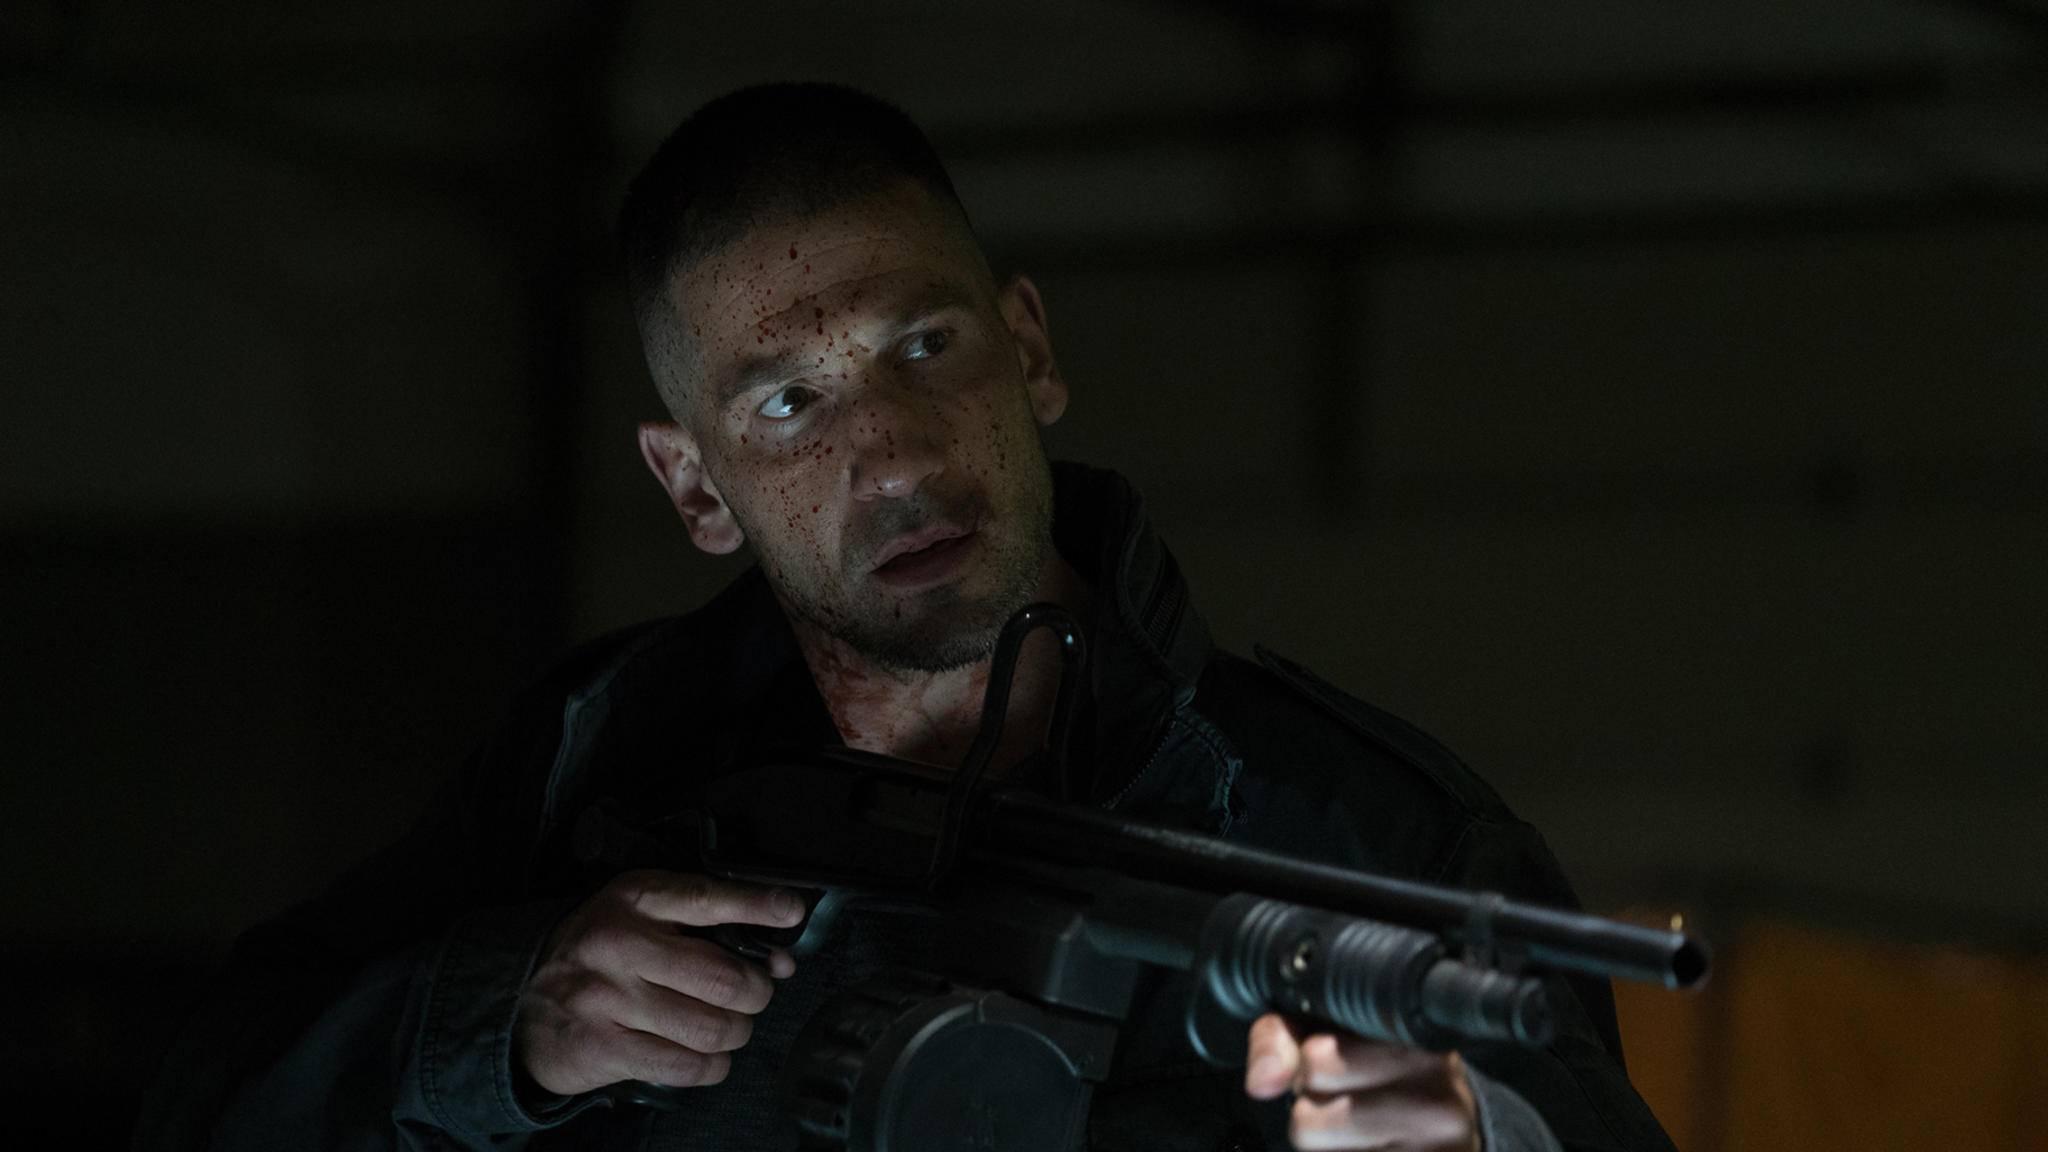 Kompromissloser Held: Der Punisher bekommt eine eigene Serie.